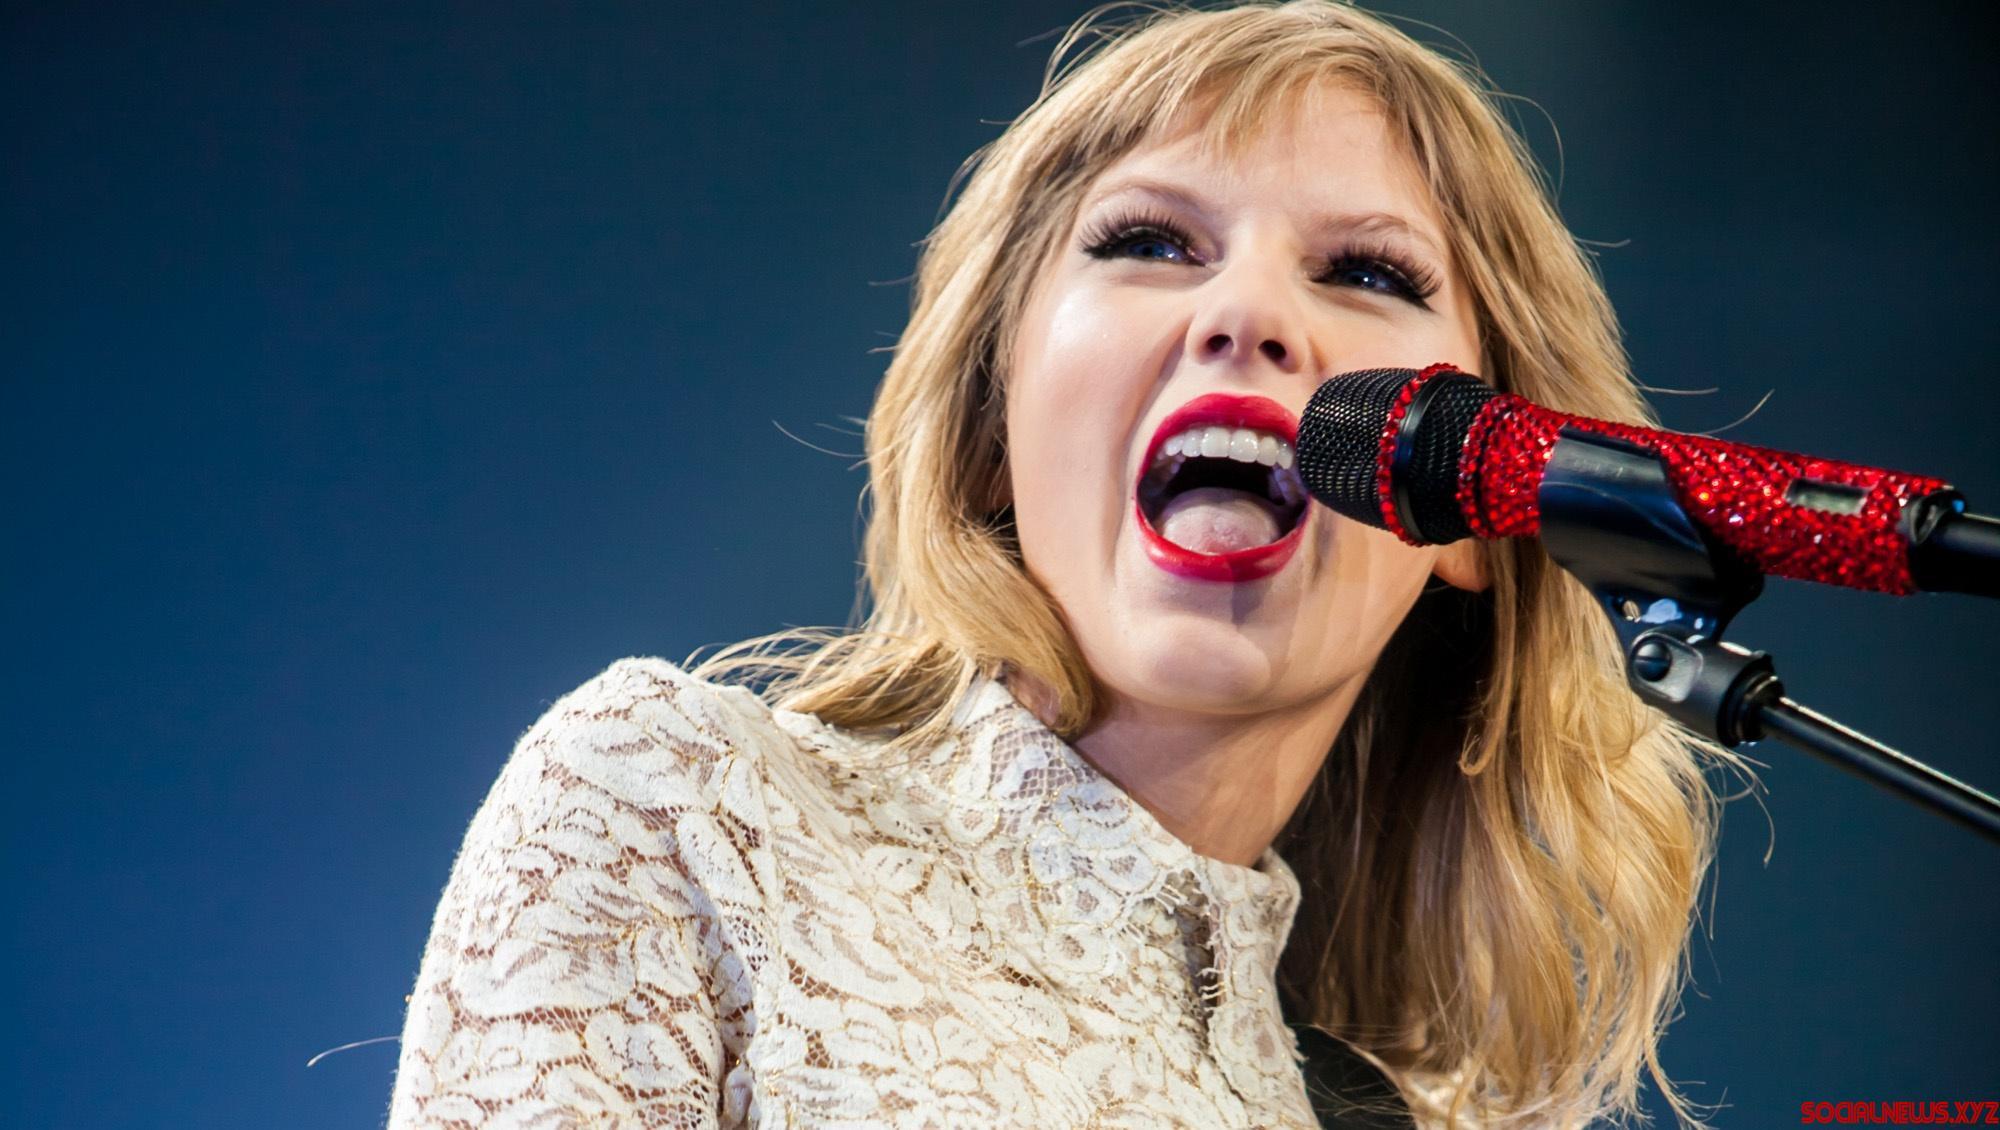 Harris 'feels insulted' by Swift's breakup song